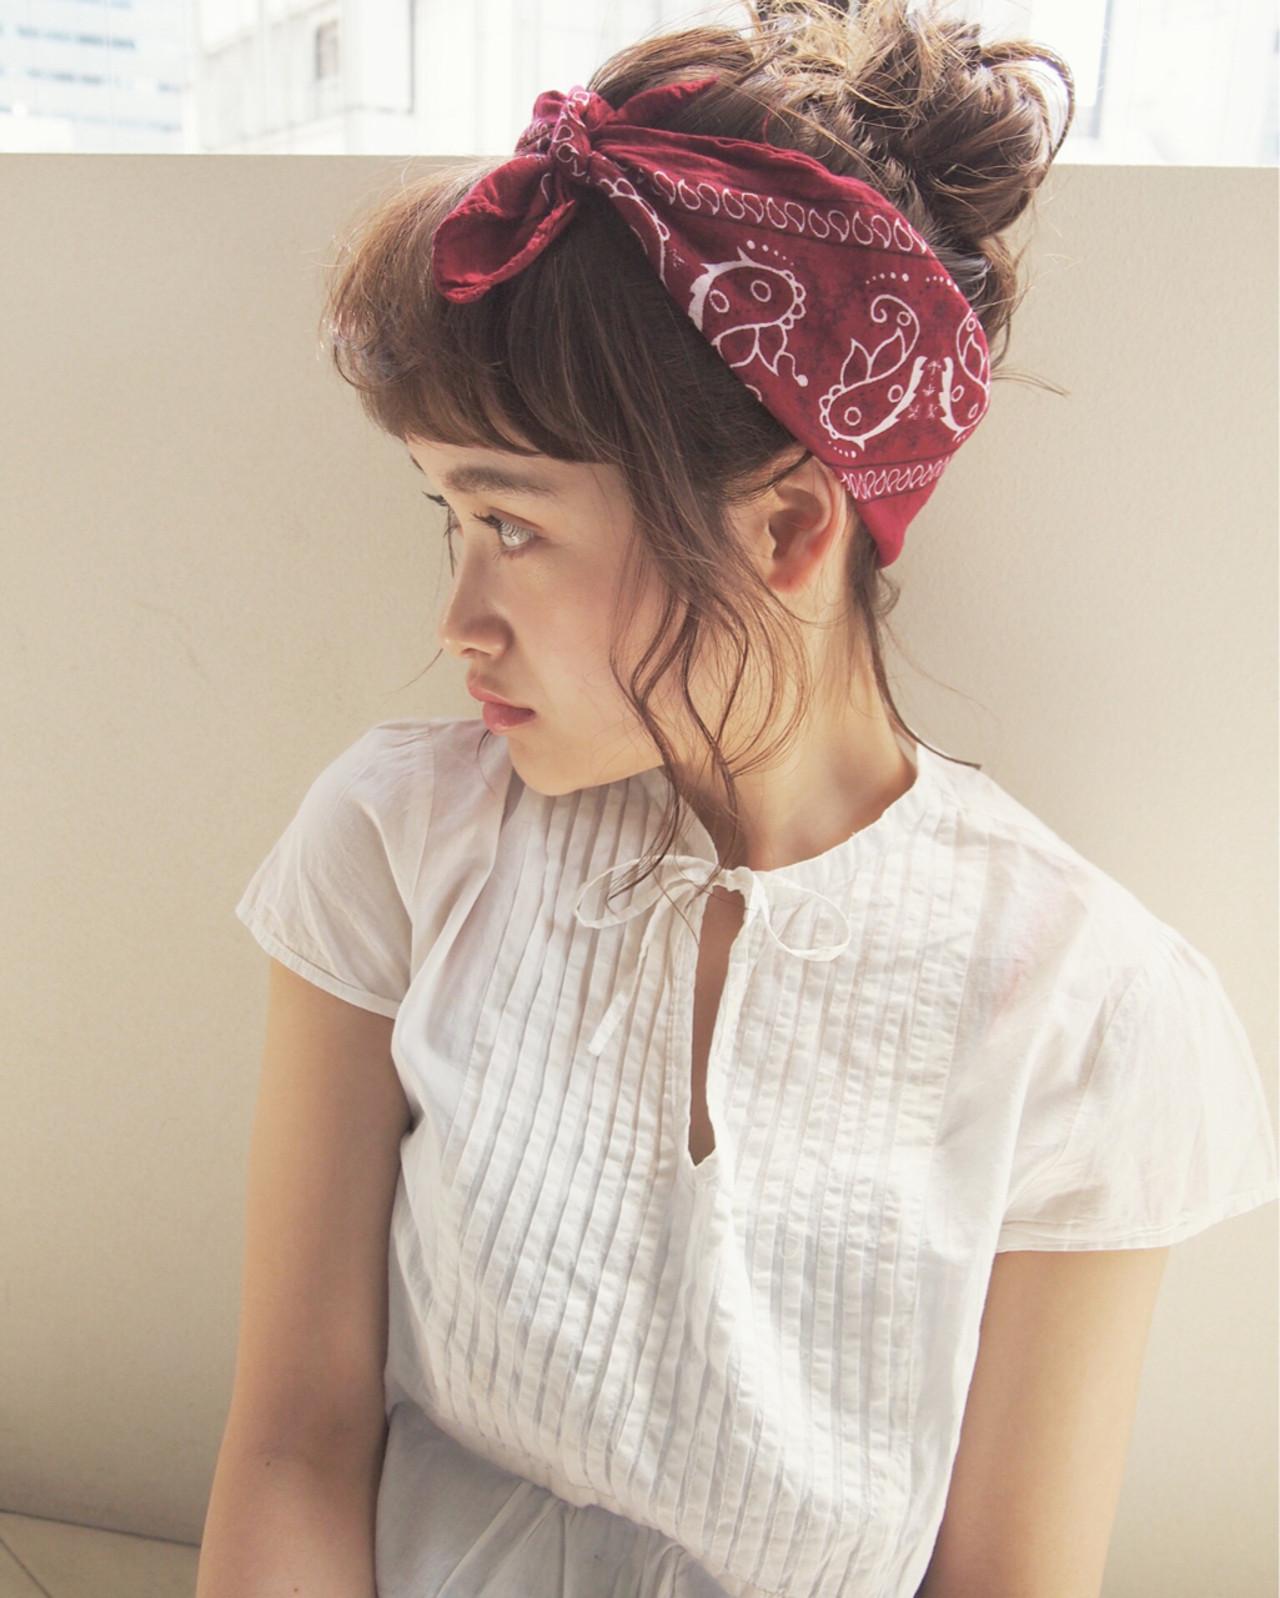 ミディアム 簡単ヘアアレンジ 大人かわいい 夏 ヘアスタイルや髪型の写真・画像 | UEKI/nanuk / nanuk二子玉川